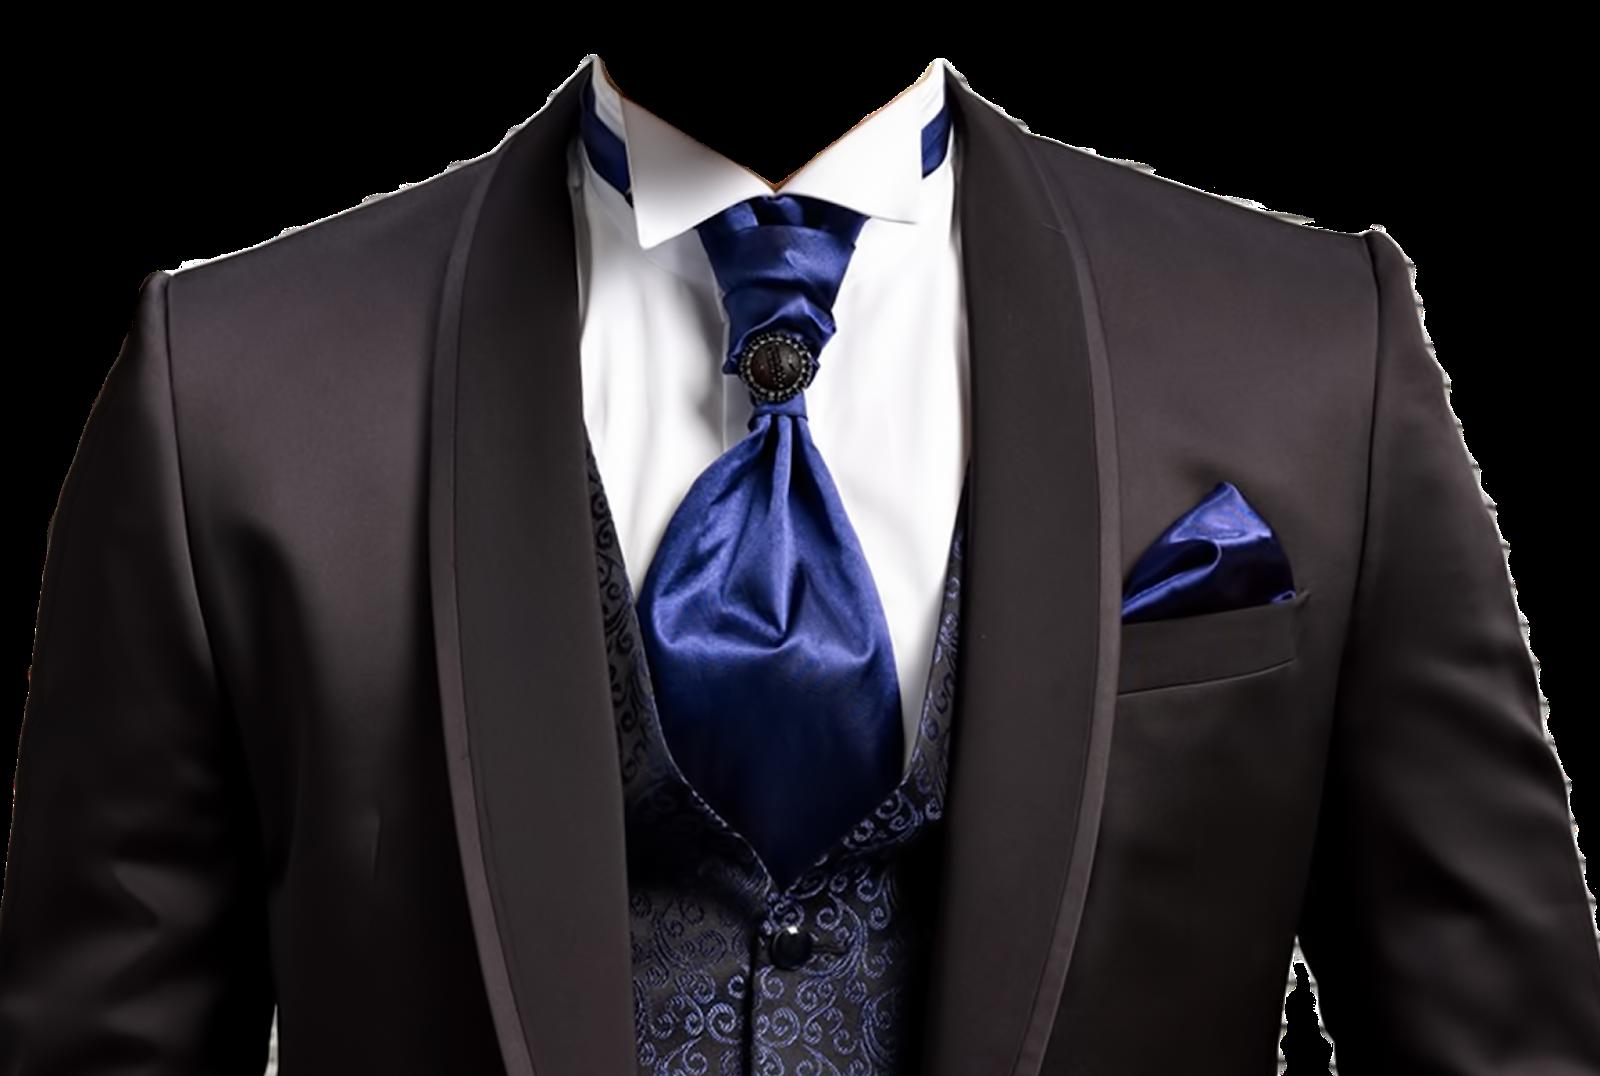 мужская одежда для подстановки для фото на документы 16 октября 2010 фотошаблоны шаблоны для фотошоп